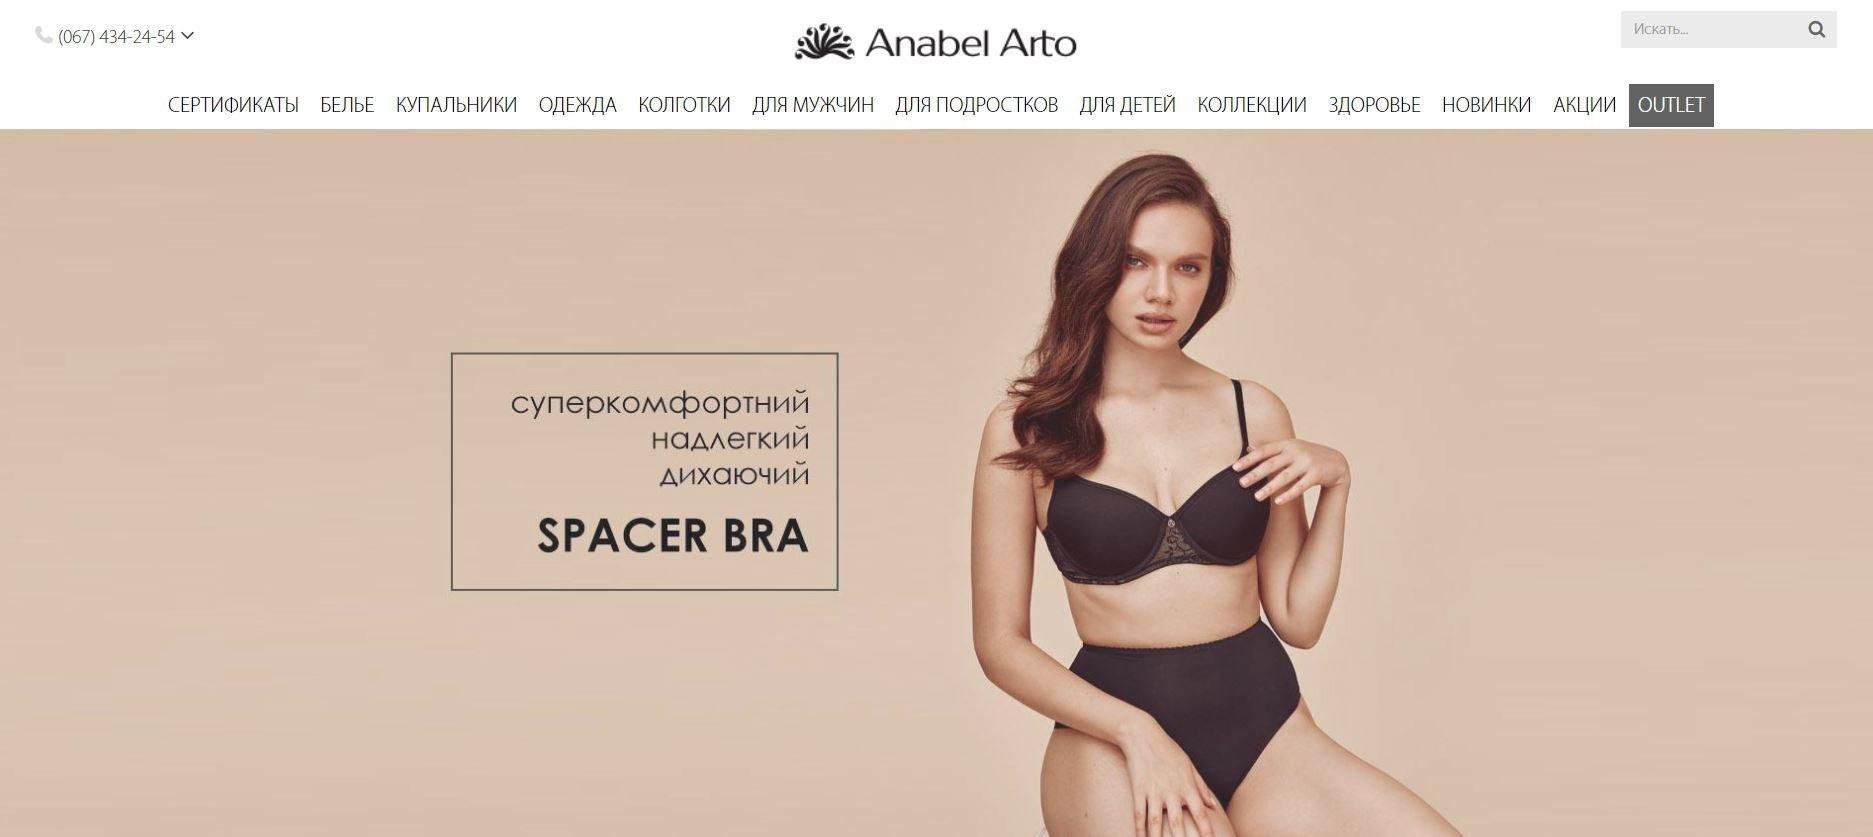 anabel-arto - 2